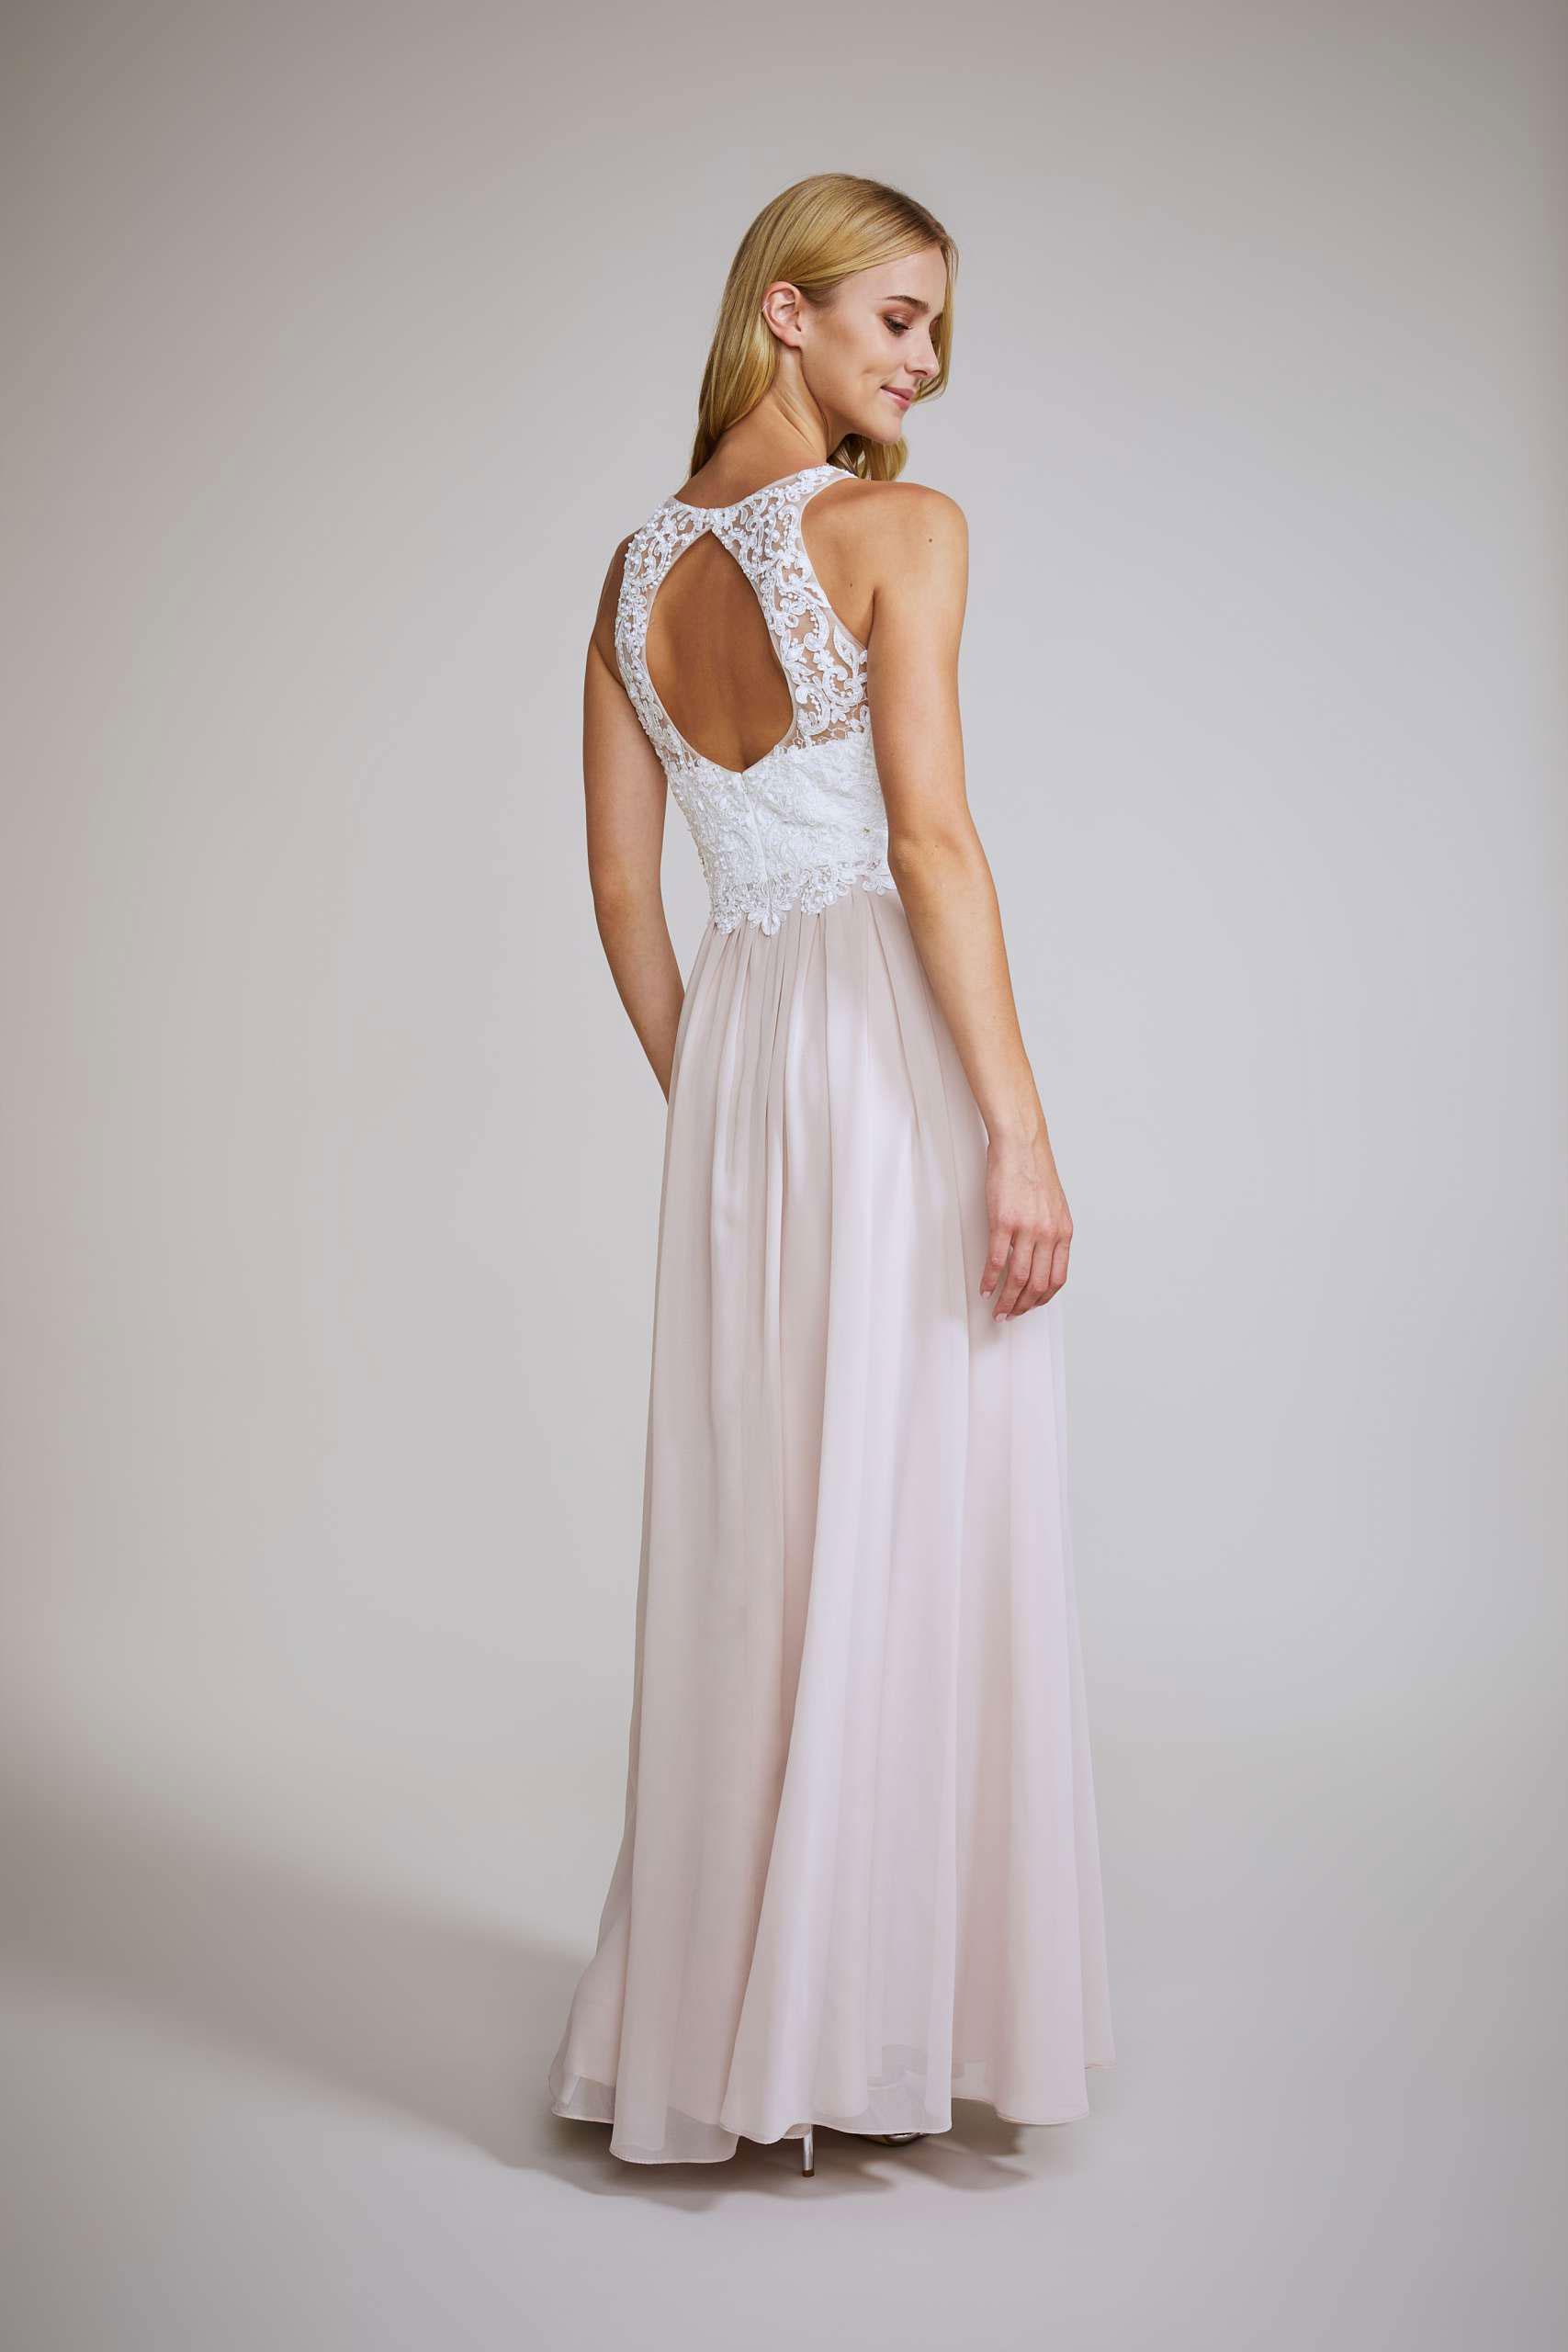 LA612016L_cream_white_champagne_2_Bella-Sposa